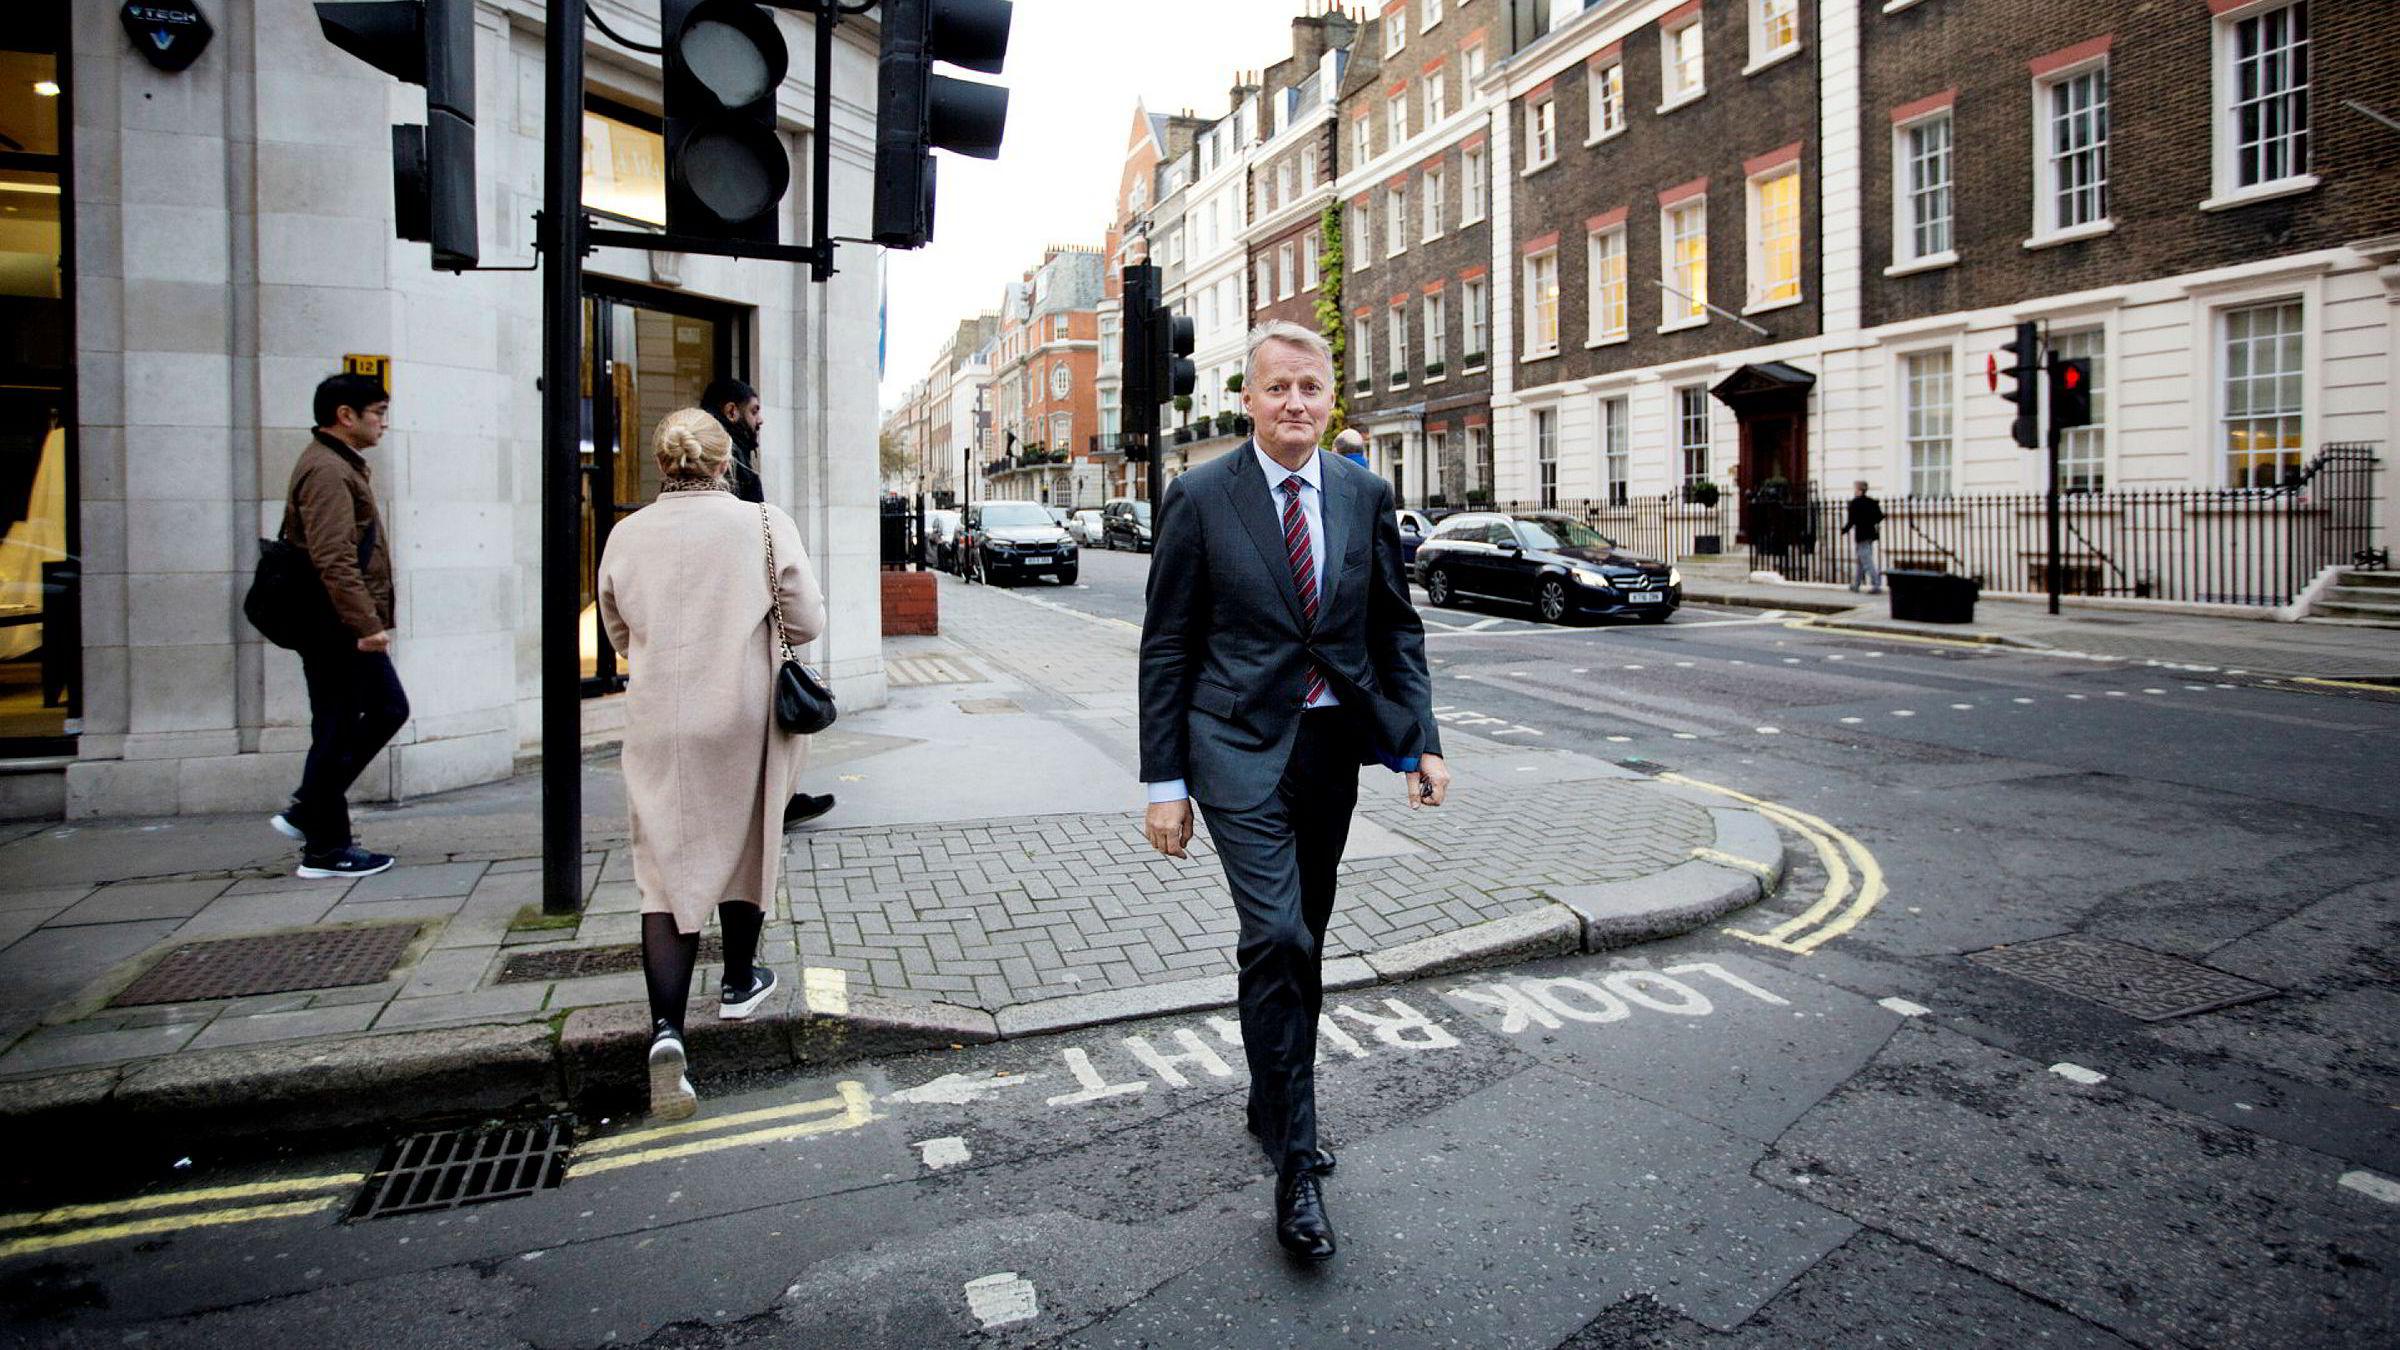 DNB-sjef Rune Bjerke er i London denne uken for å møte investorer og internasjonale banker. Han vil avvente å se om Republikanernes politikk er annerledes enn Trumps kampsaker.